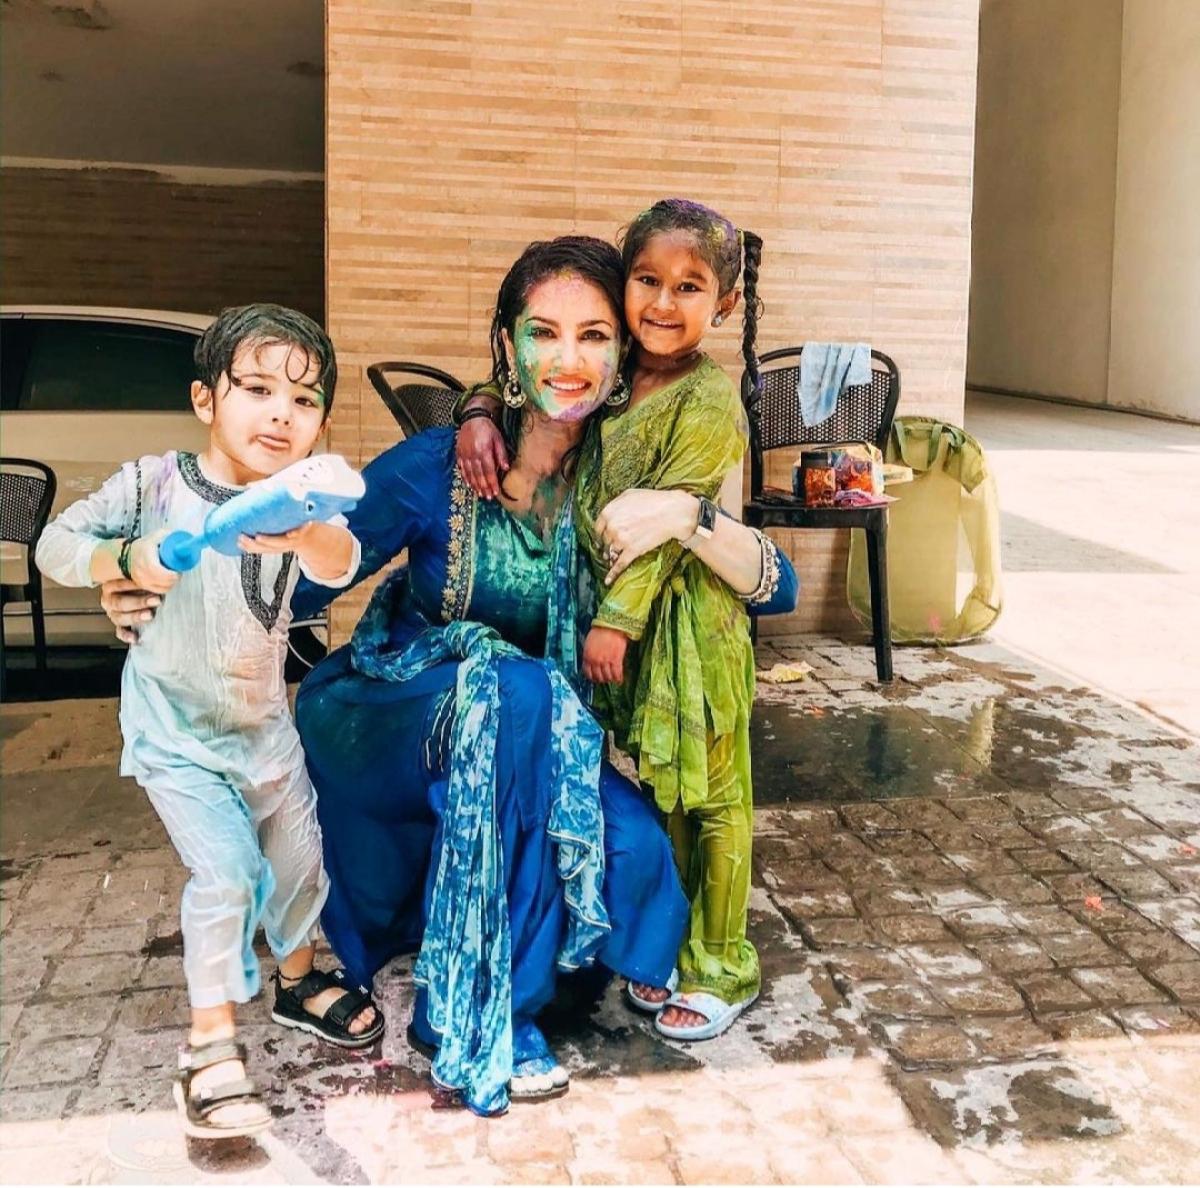 Sunny enjoying Holi with her kids